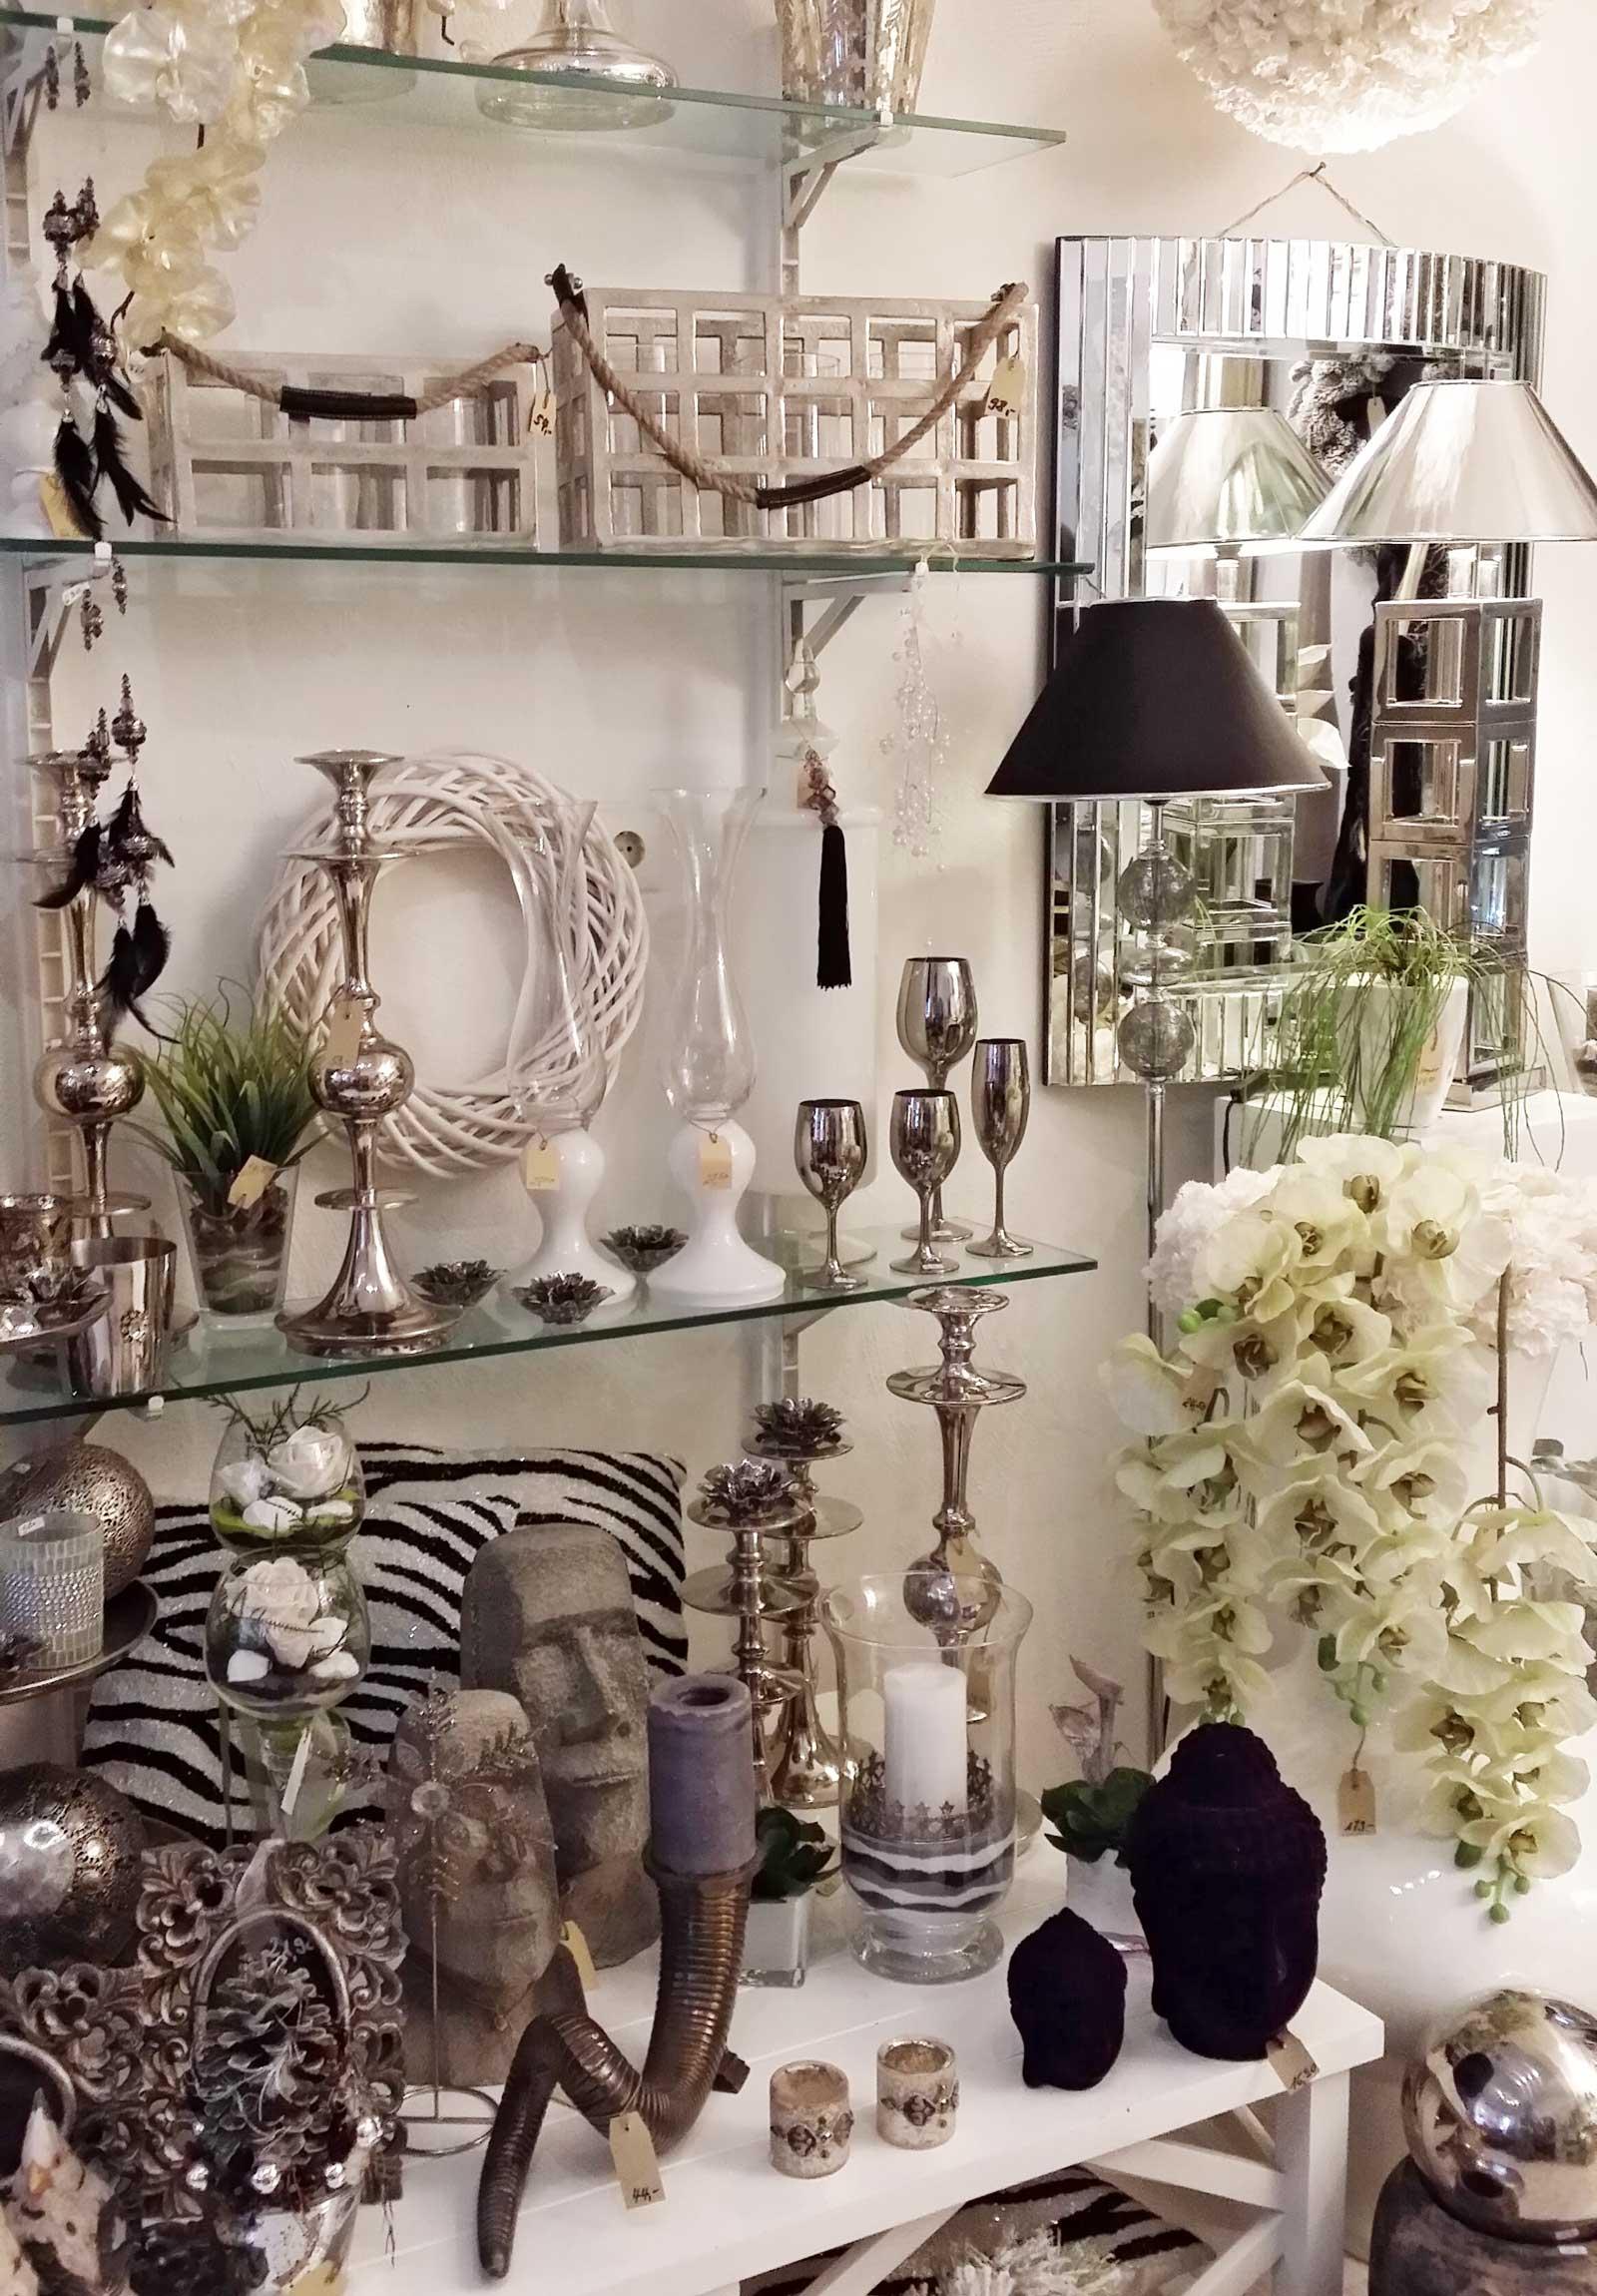 Dekoration accessoires m belideen for Haus accessoires dekoration